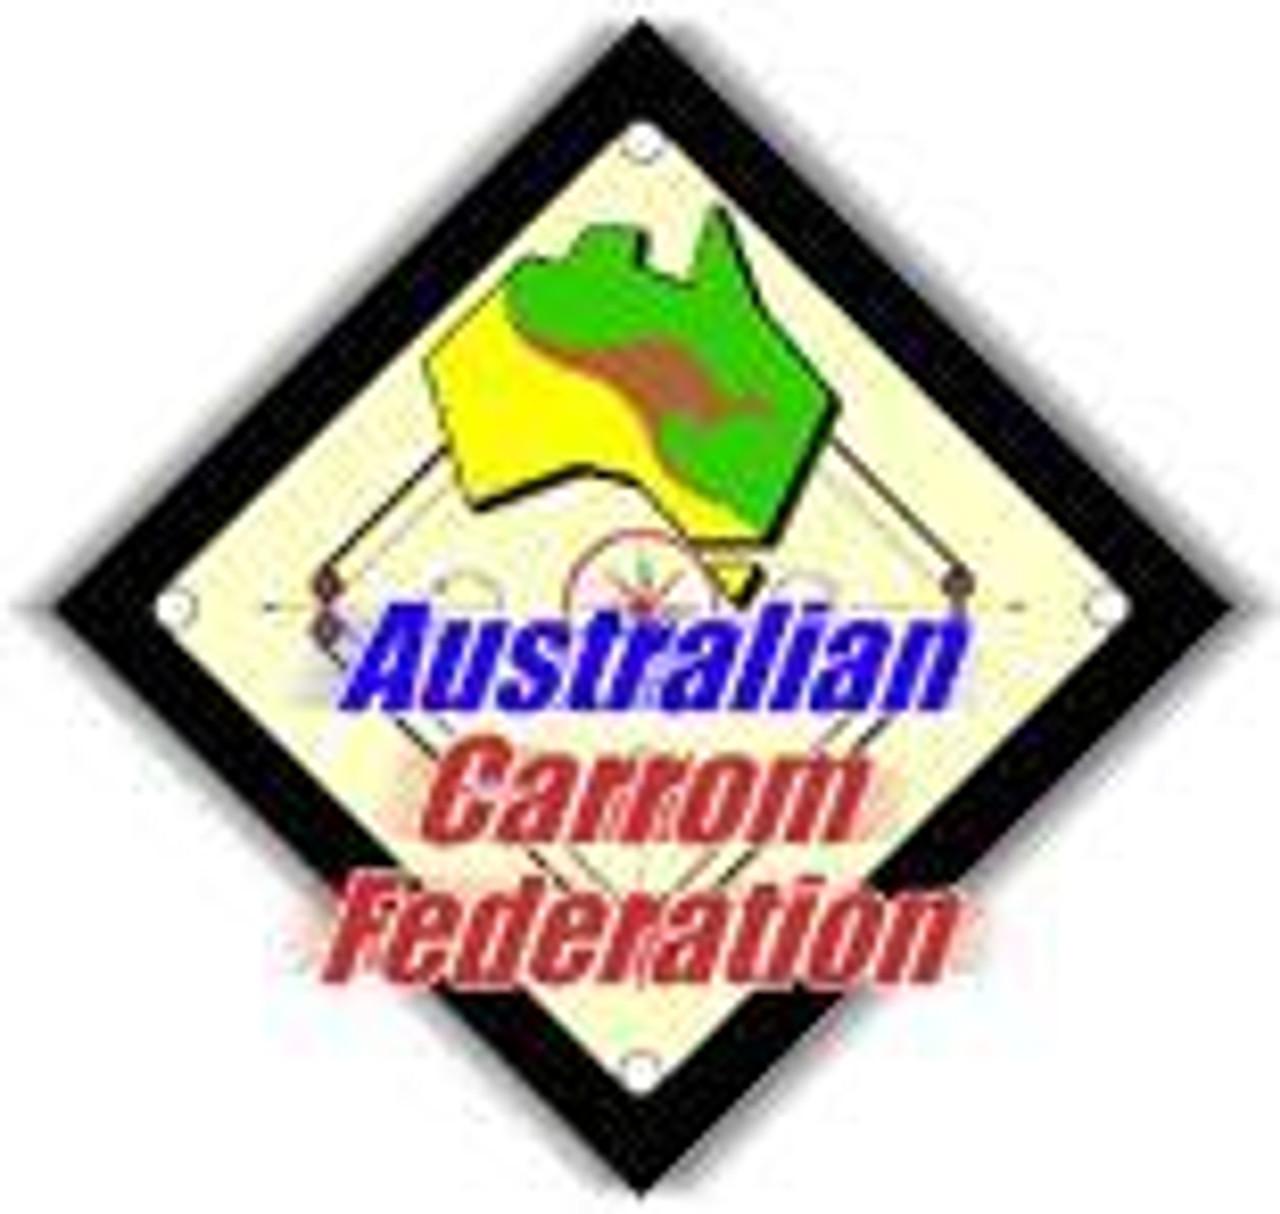 Carrom Powder Australia's Best Selling Large 4 Pack Offer 320 gms PLUS FREE BONUS OFFER